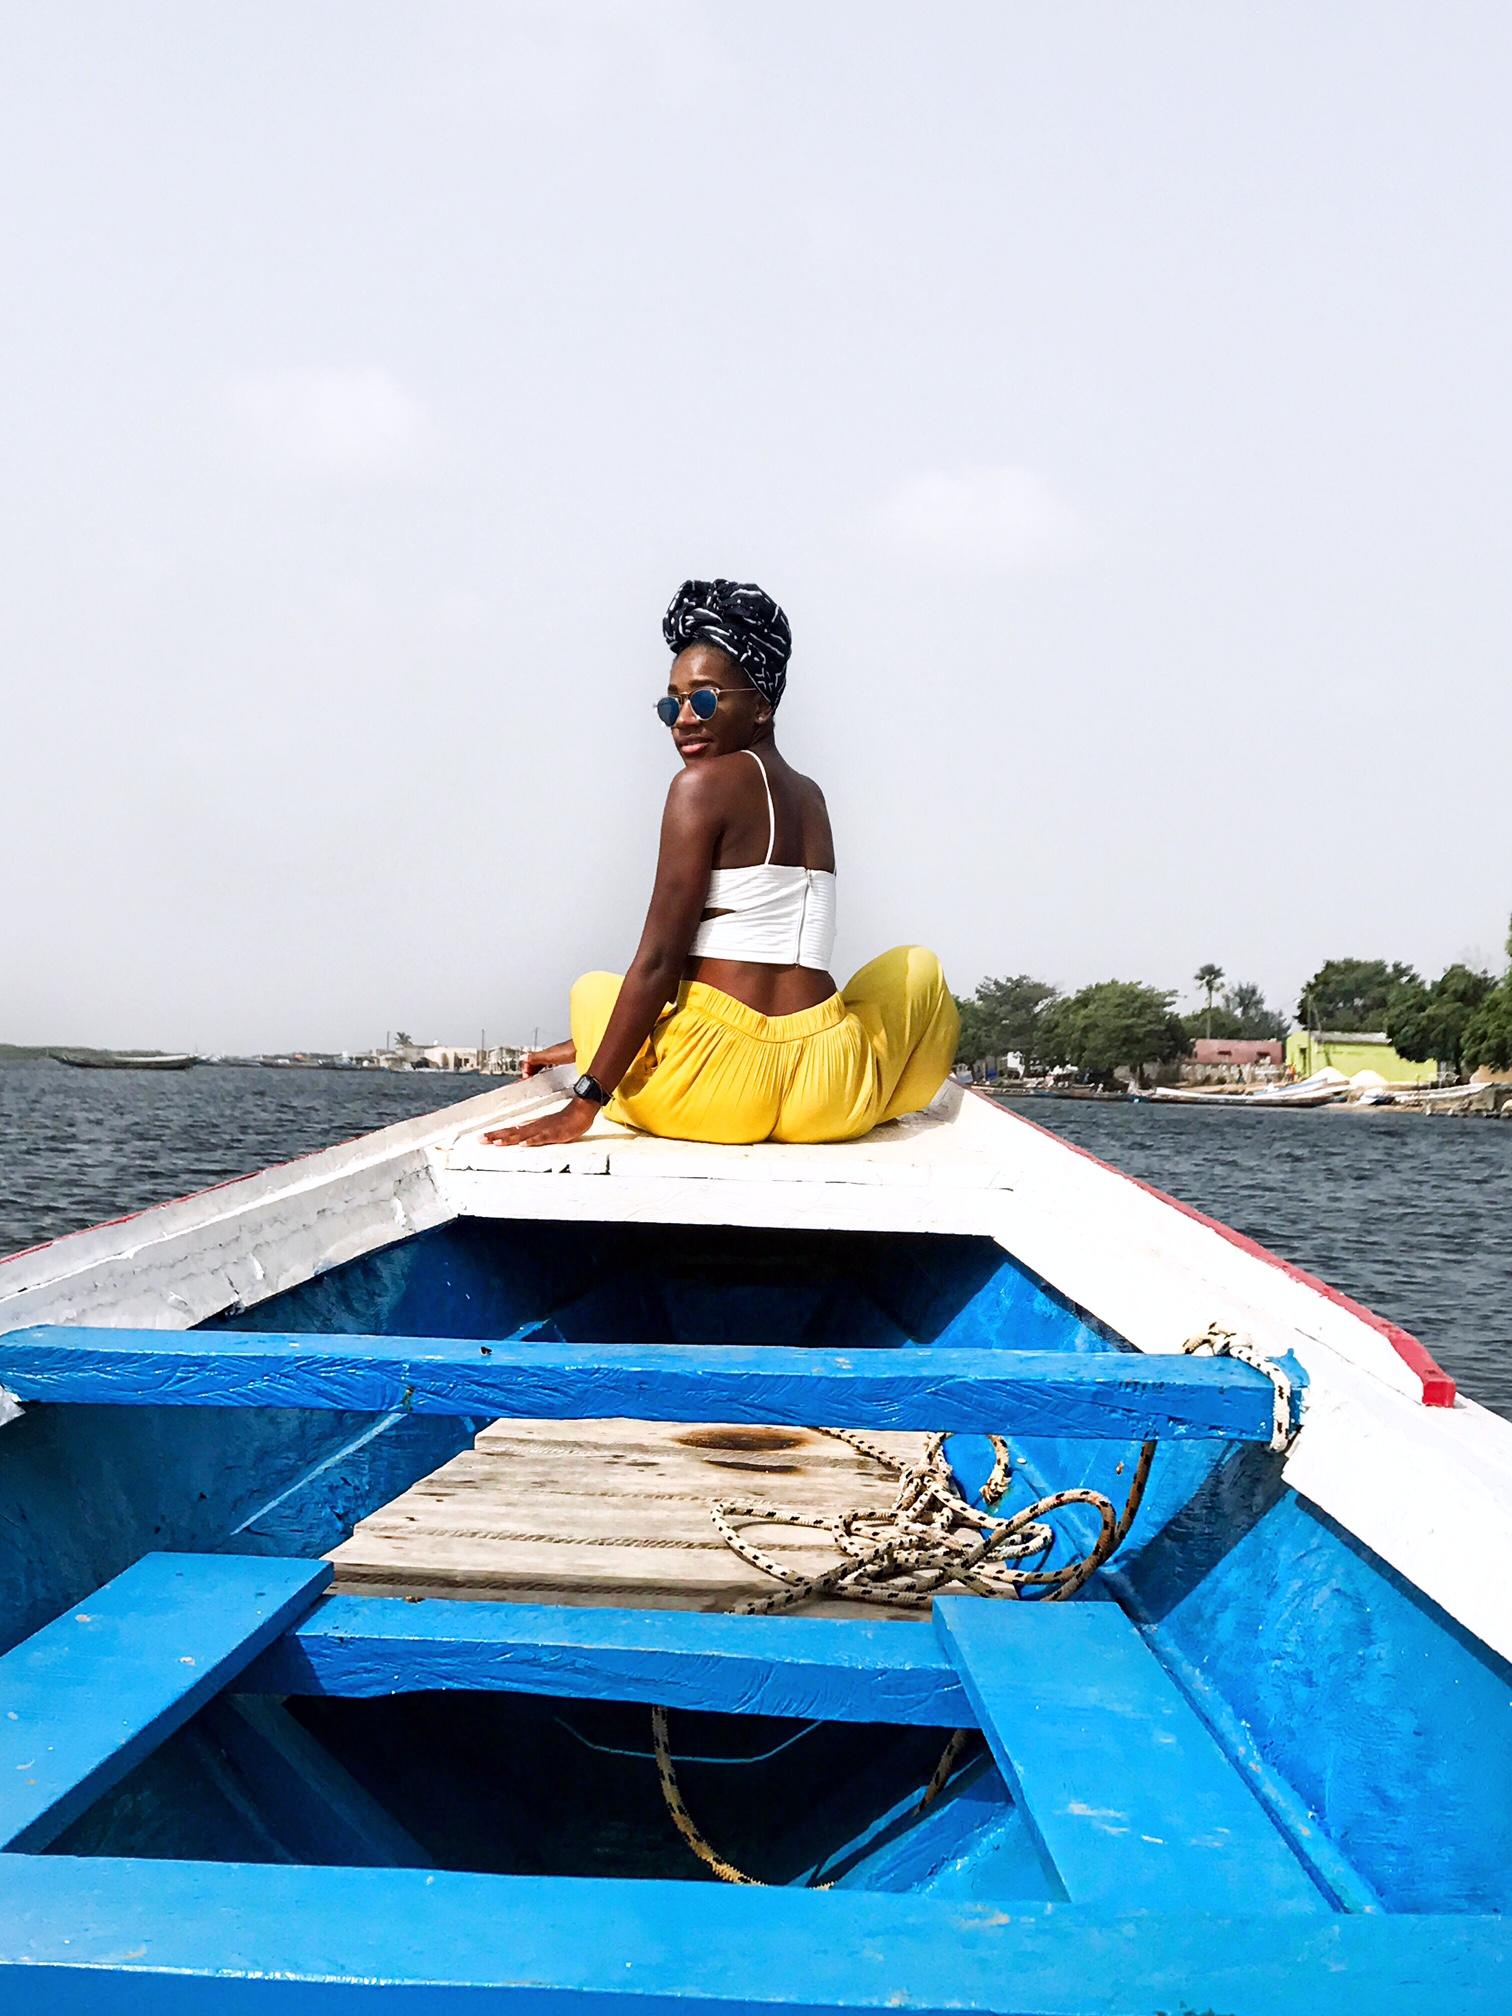 Jakiya on blue boat.JPG